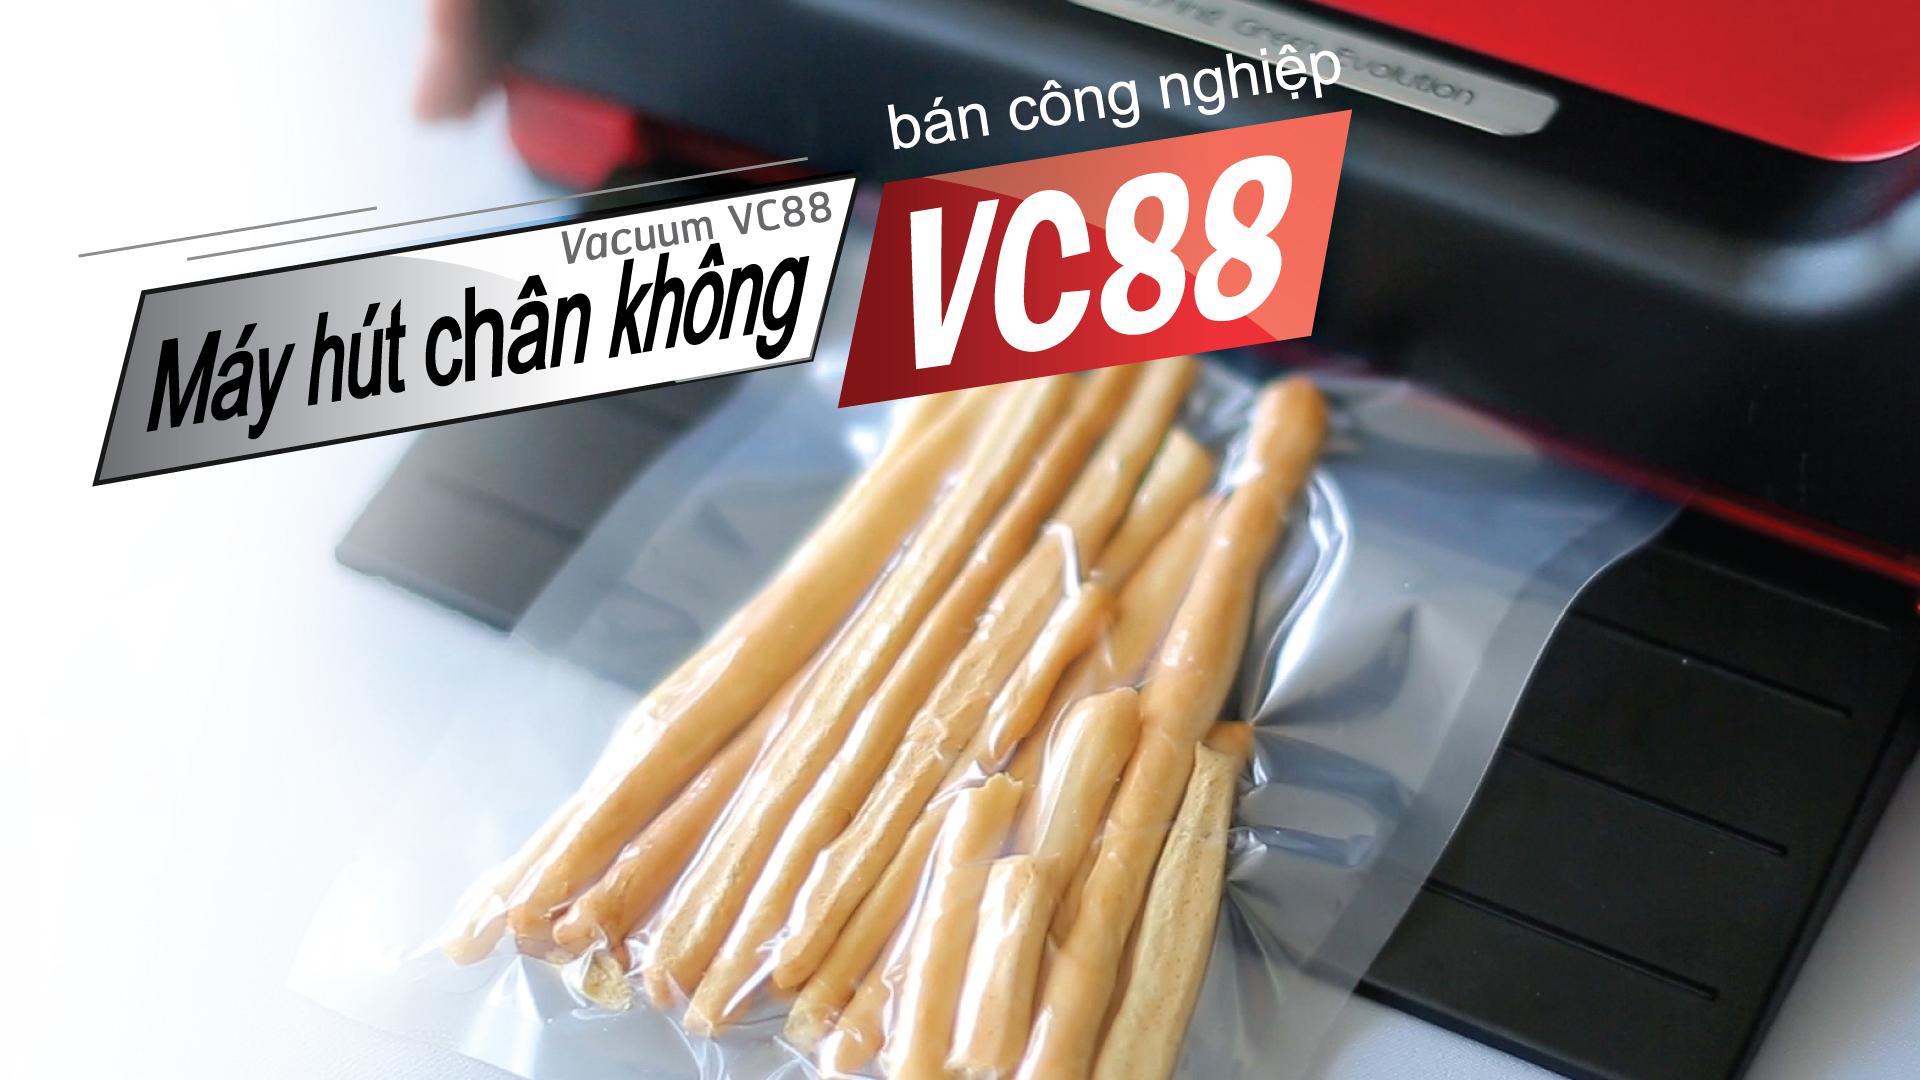 May hut chan khong VC88 - Ảnh chính